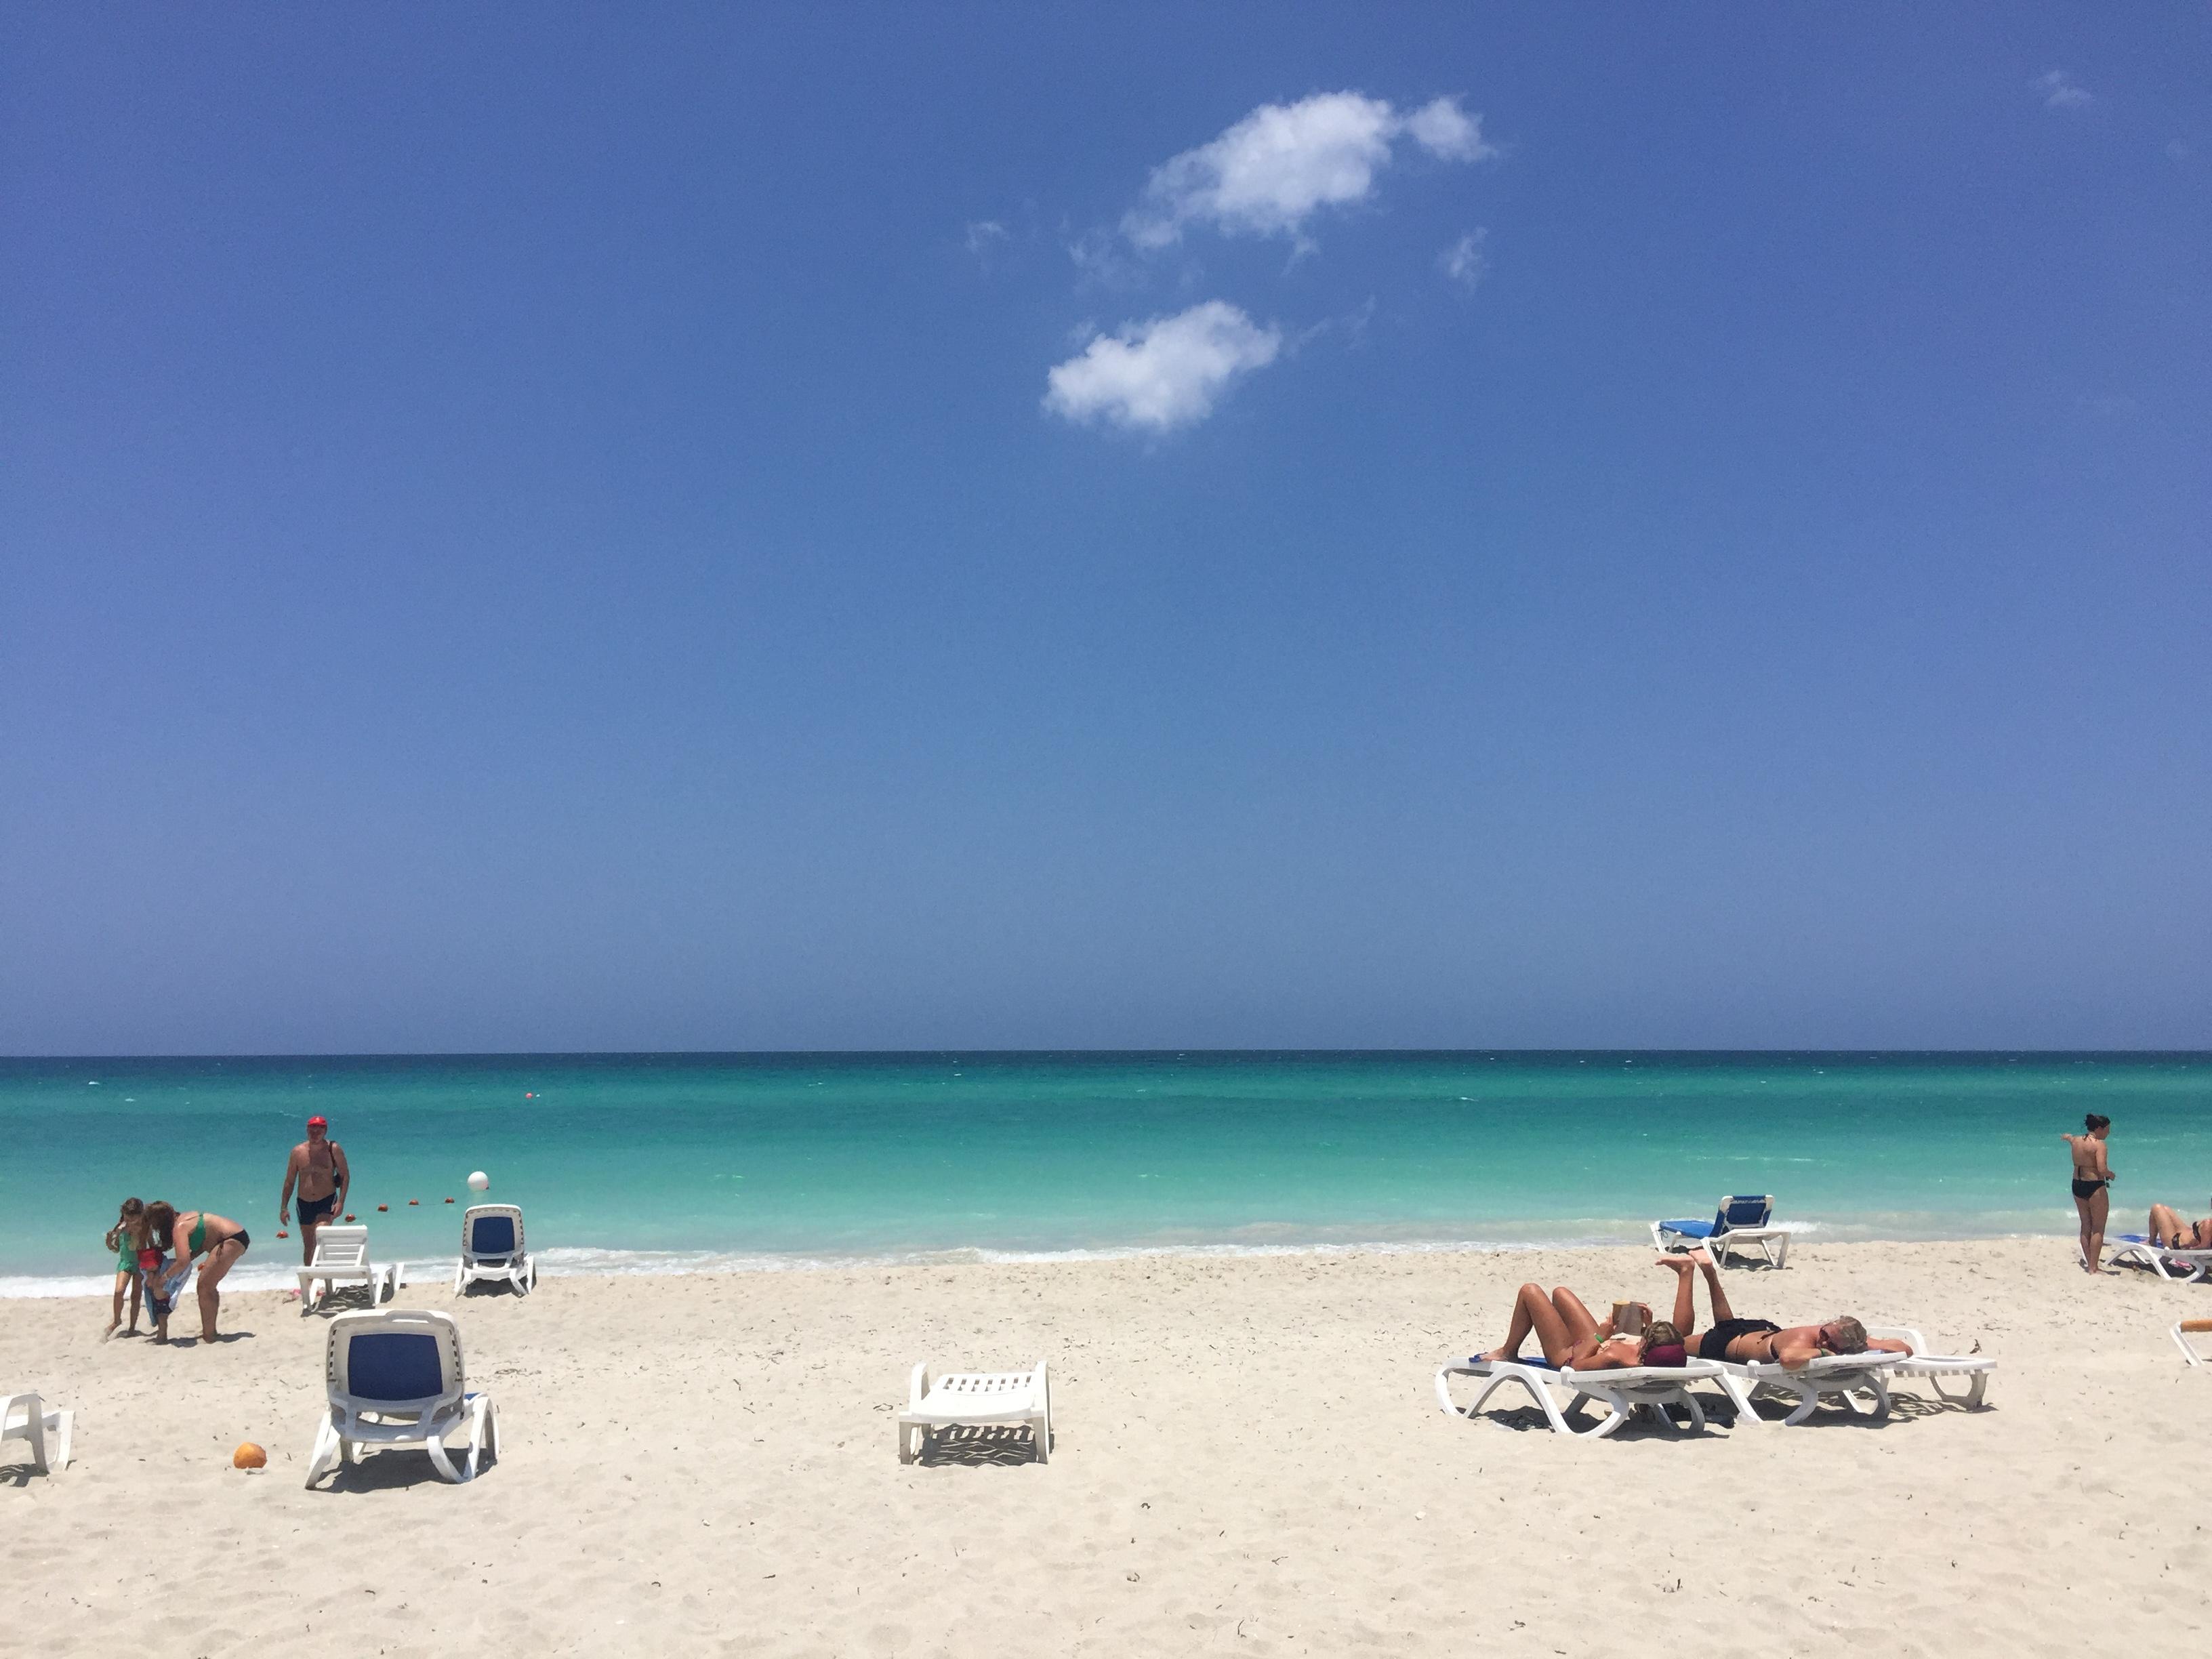 IMG 0657 - 【キューバ バラデロ】やっぱオールインクルーシブ!バラデロでの過ごし方とホテルの取り方